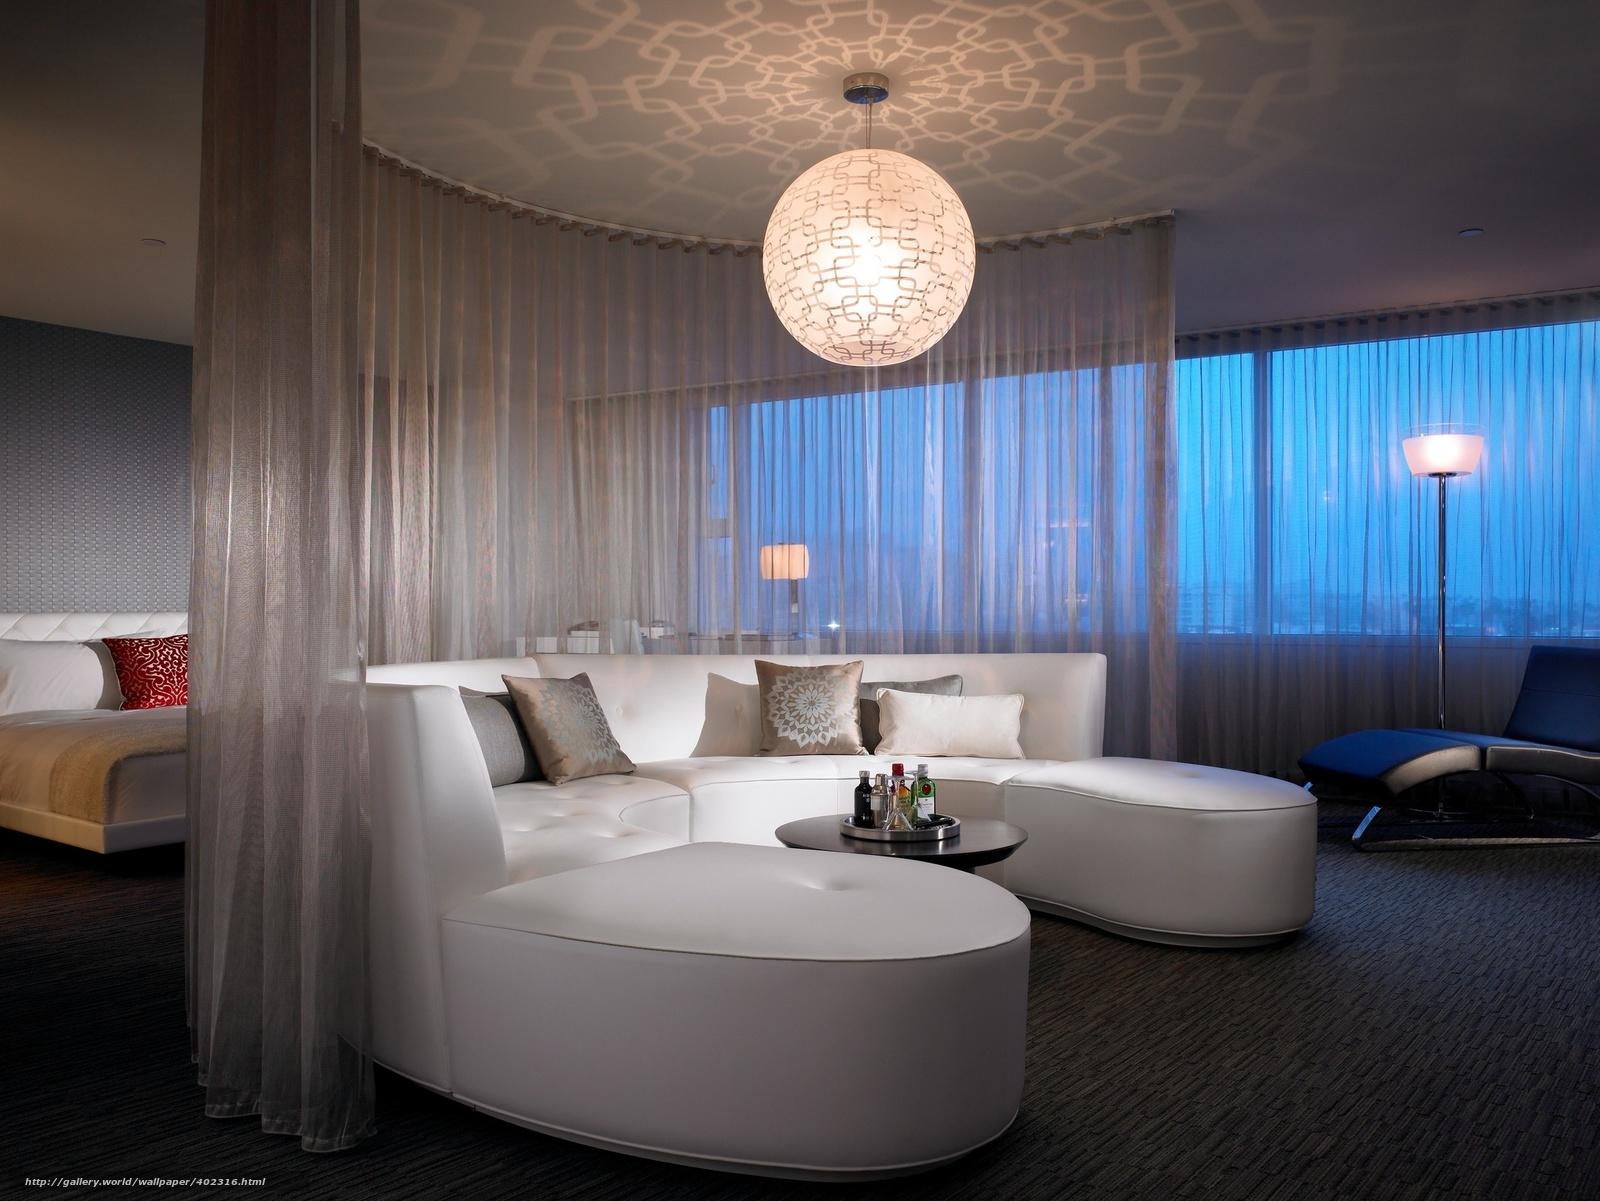 download hintergrund luxus zimmer wei sofa freie desktop tapeten in der auflosung 2100x1576. Black Bedroom Furniture Sets. Home Design Ideas